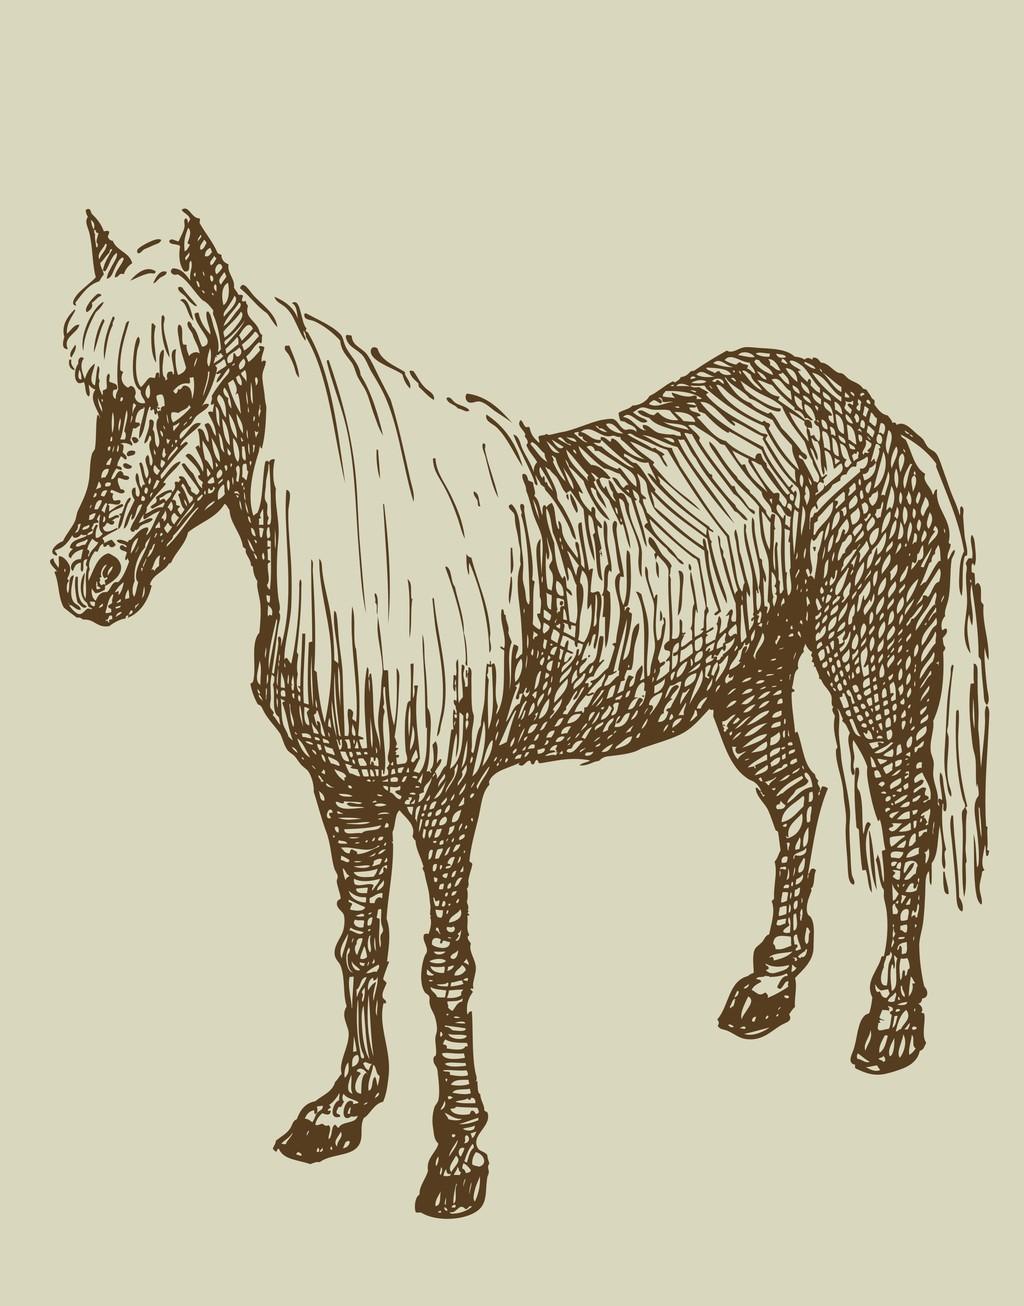 手绘骏马插画动物